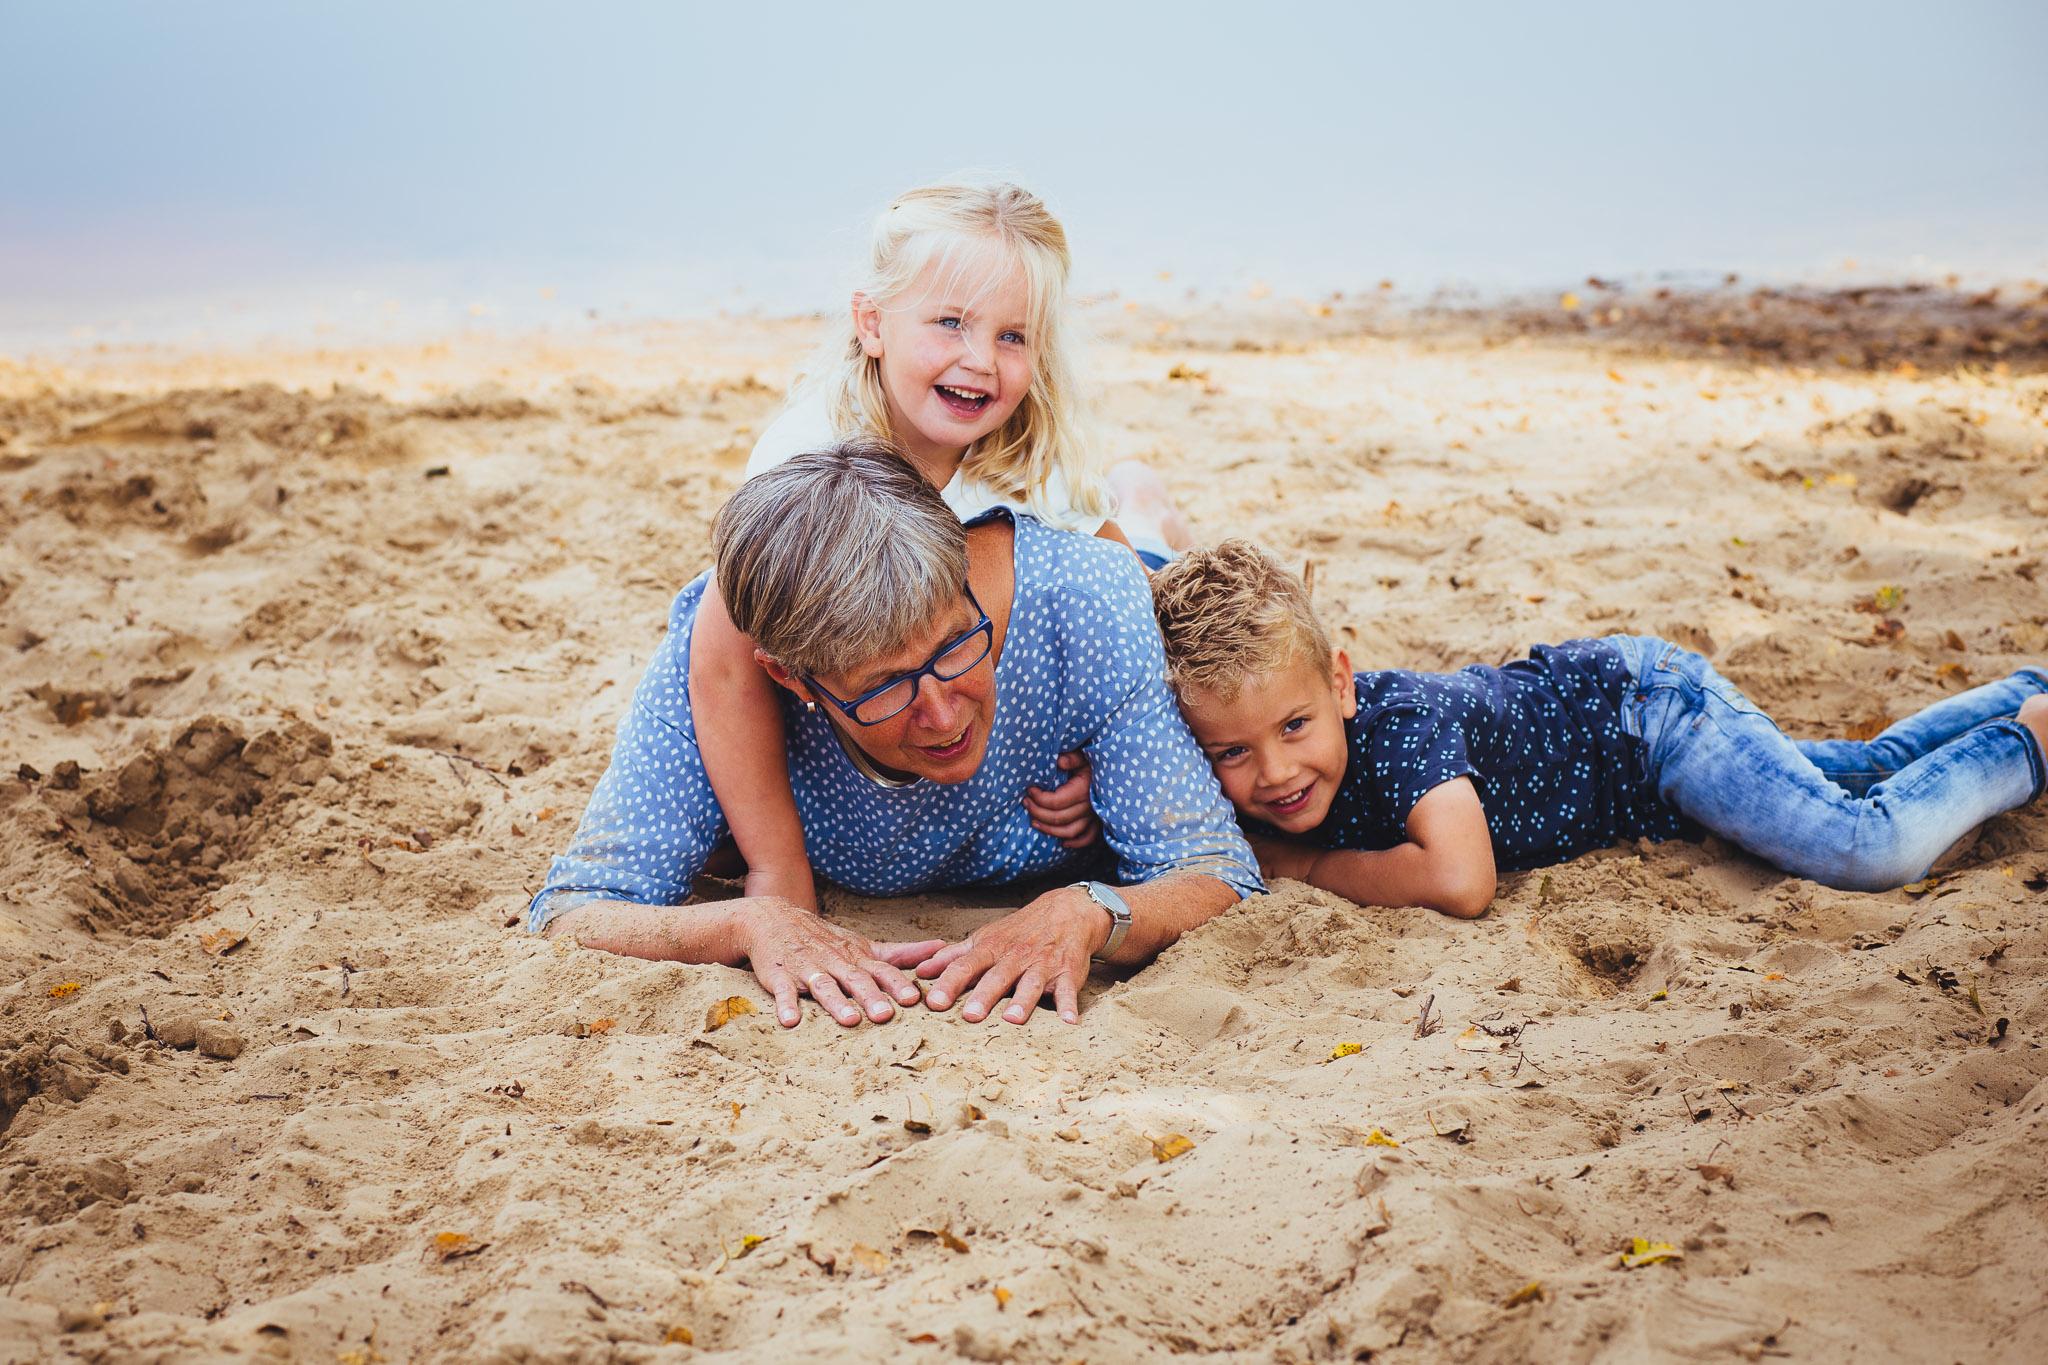 kleinkinderen samen met oma origineel familie portret zeegse